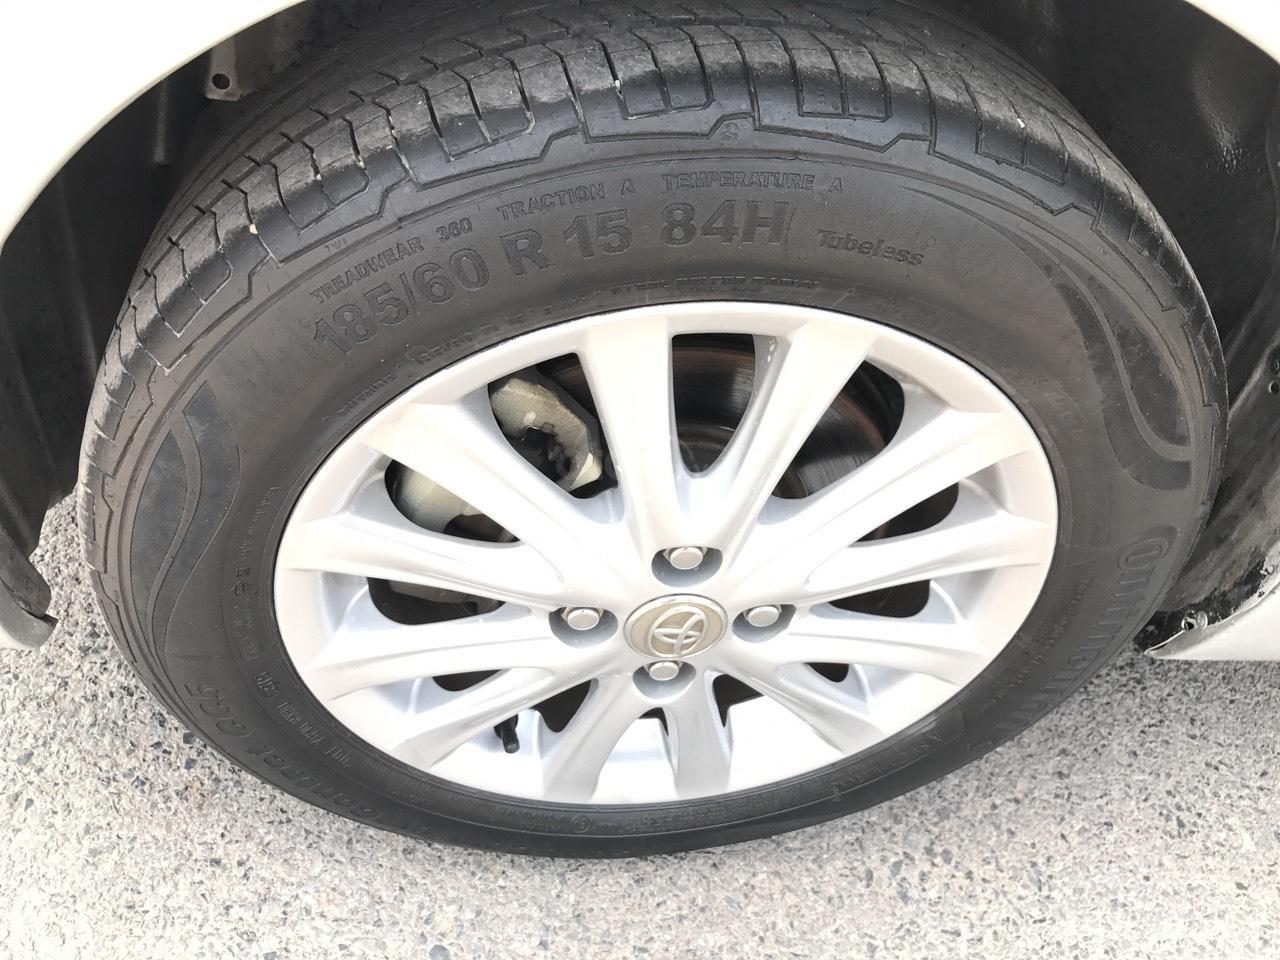 Bán xe Toyota Vios 1.5E sản xuất 2012, màu bạc, 1 chủ từ mới, máy zin 1 cục, nói không với xe taxi (23)